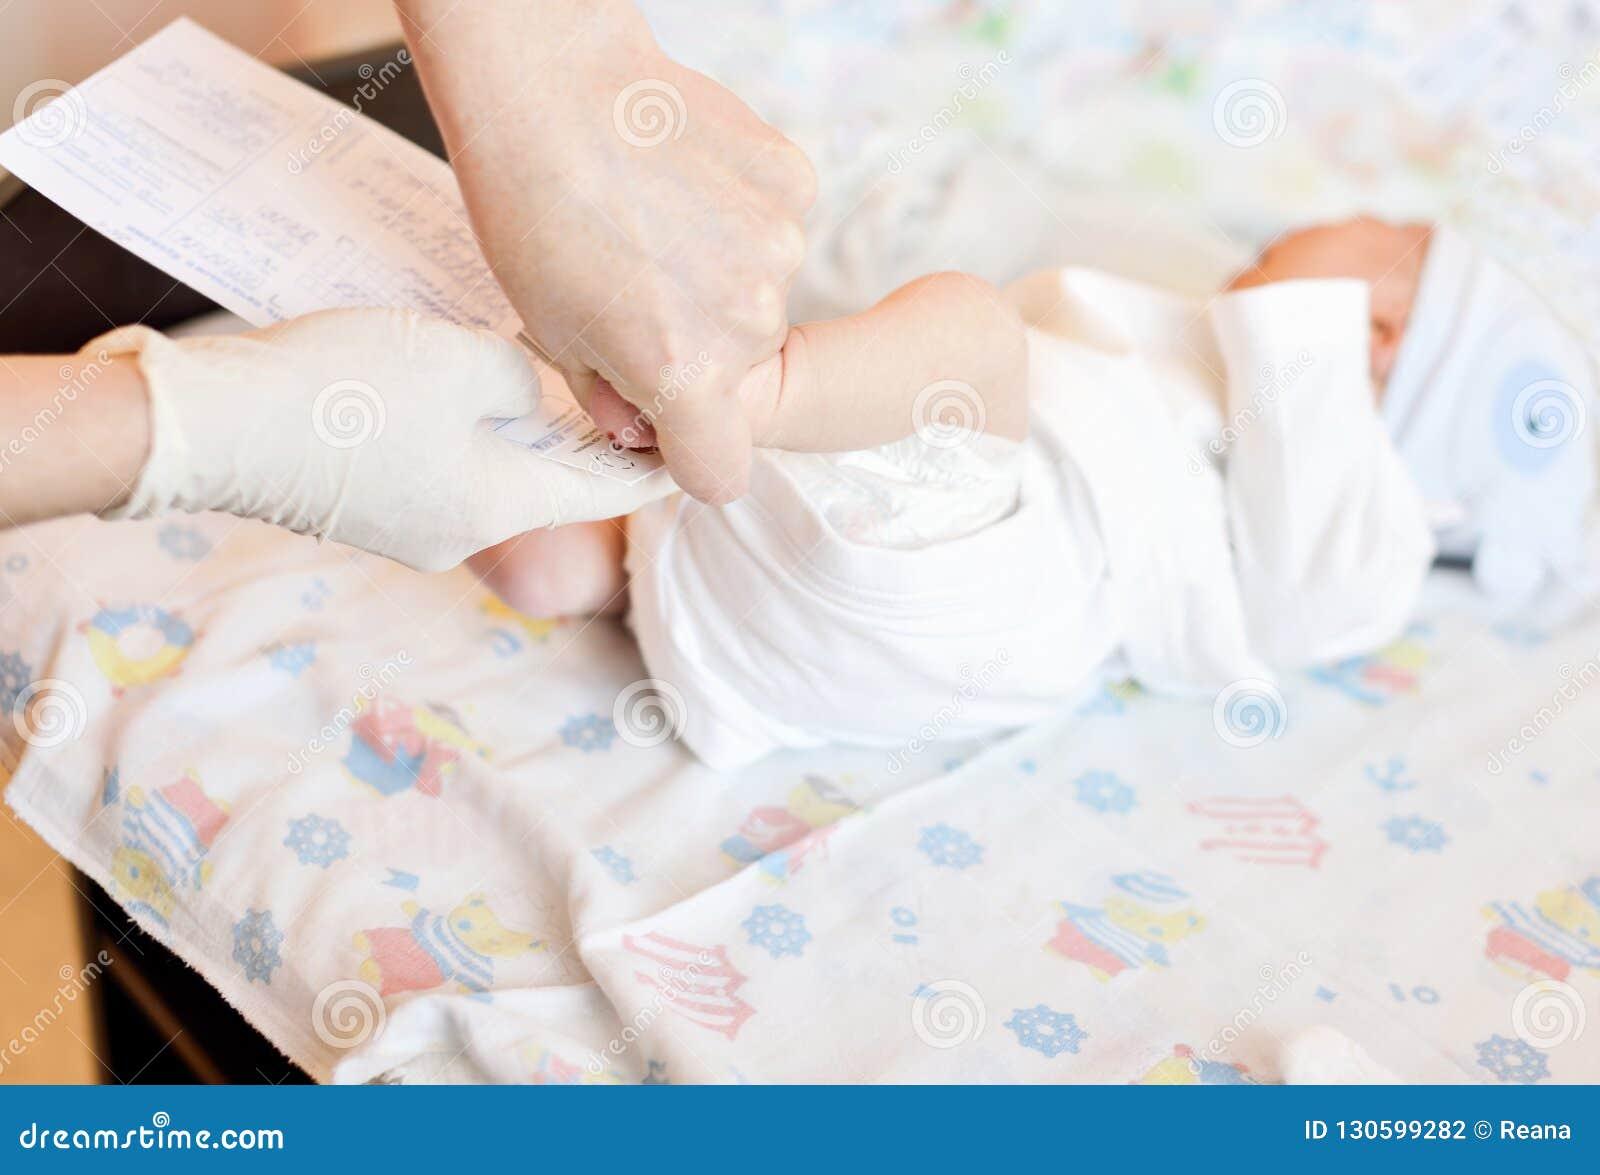 Fersenstichel von neugeborenem